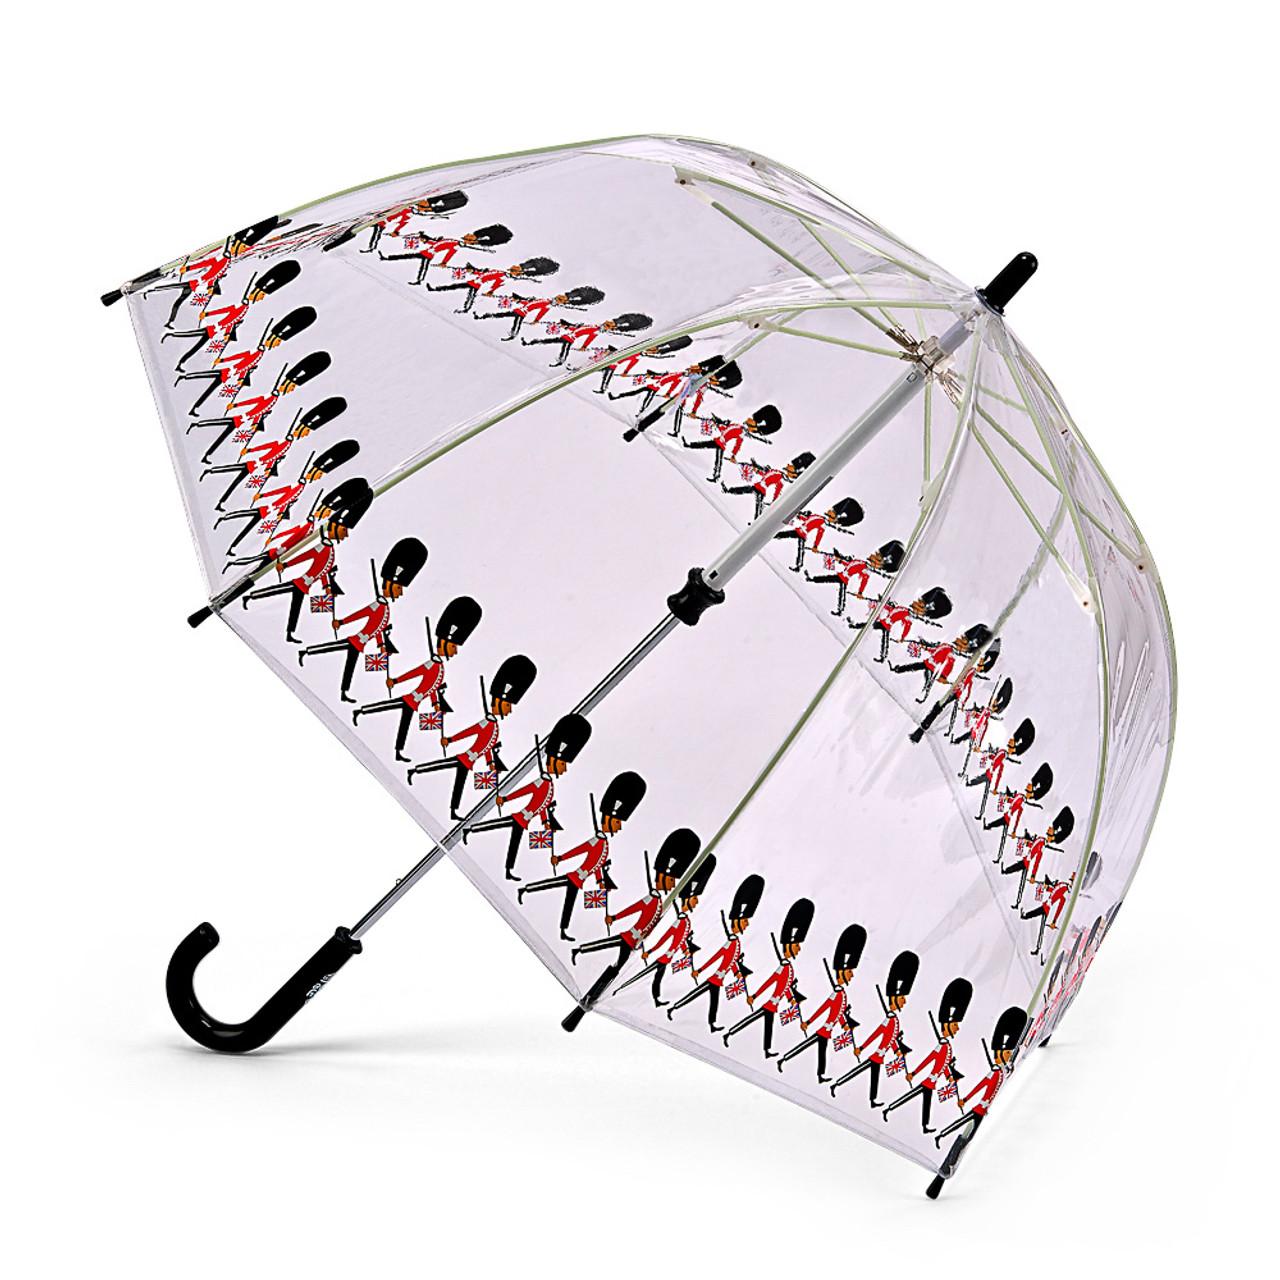 9717d18ed5c07 Fulton Funbrella-4 Children's Umbrella Guards - umbrellasuperstore.co.uk